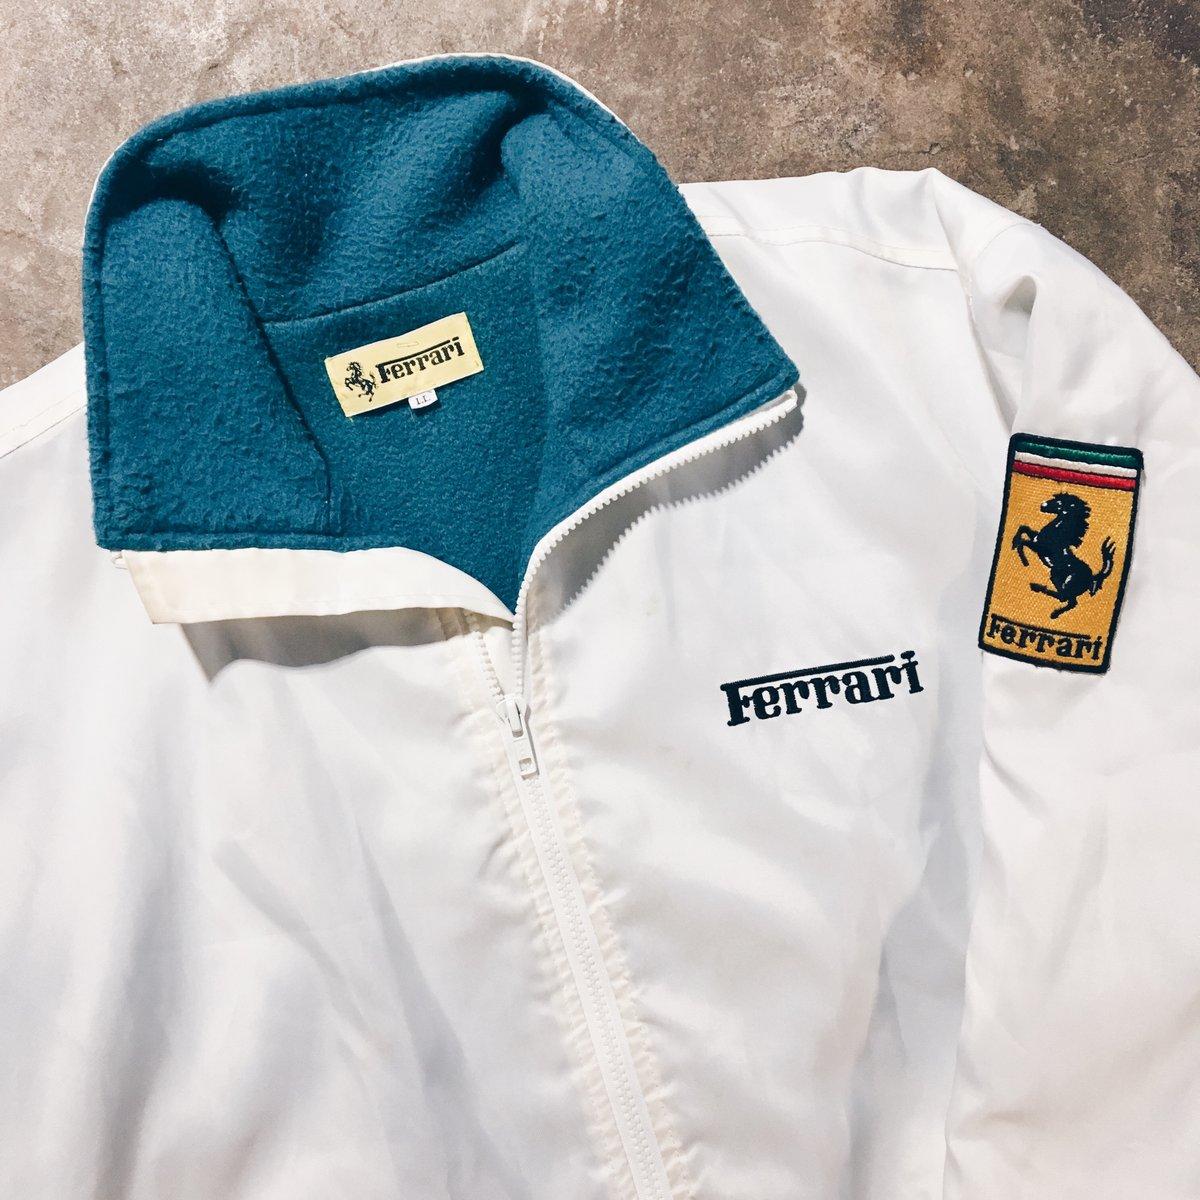 Image of Original 80's Ferrari Jacket.